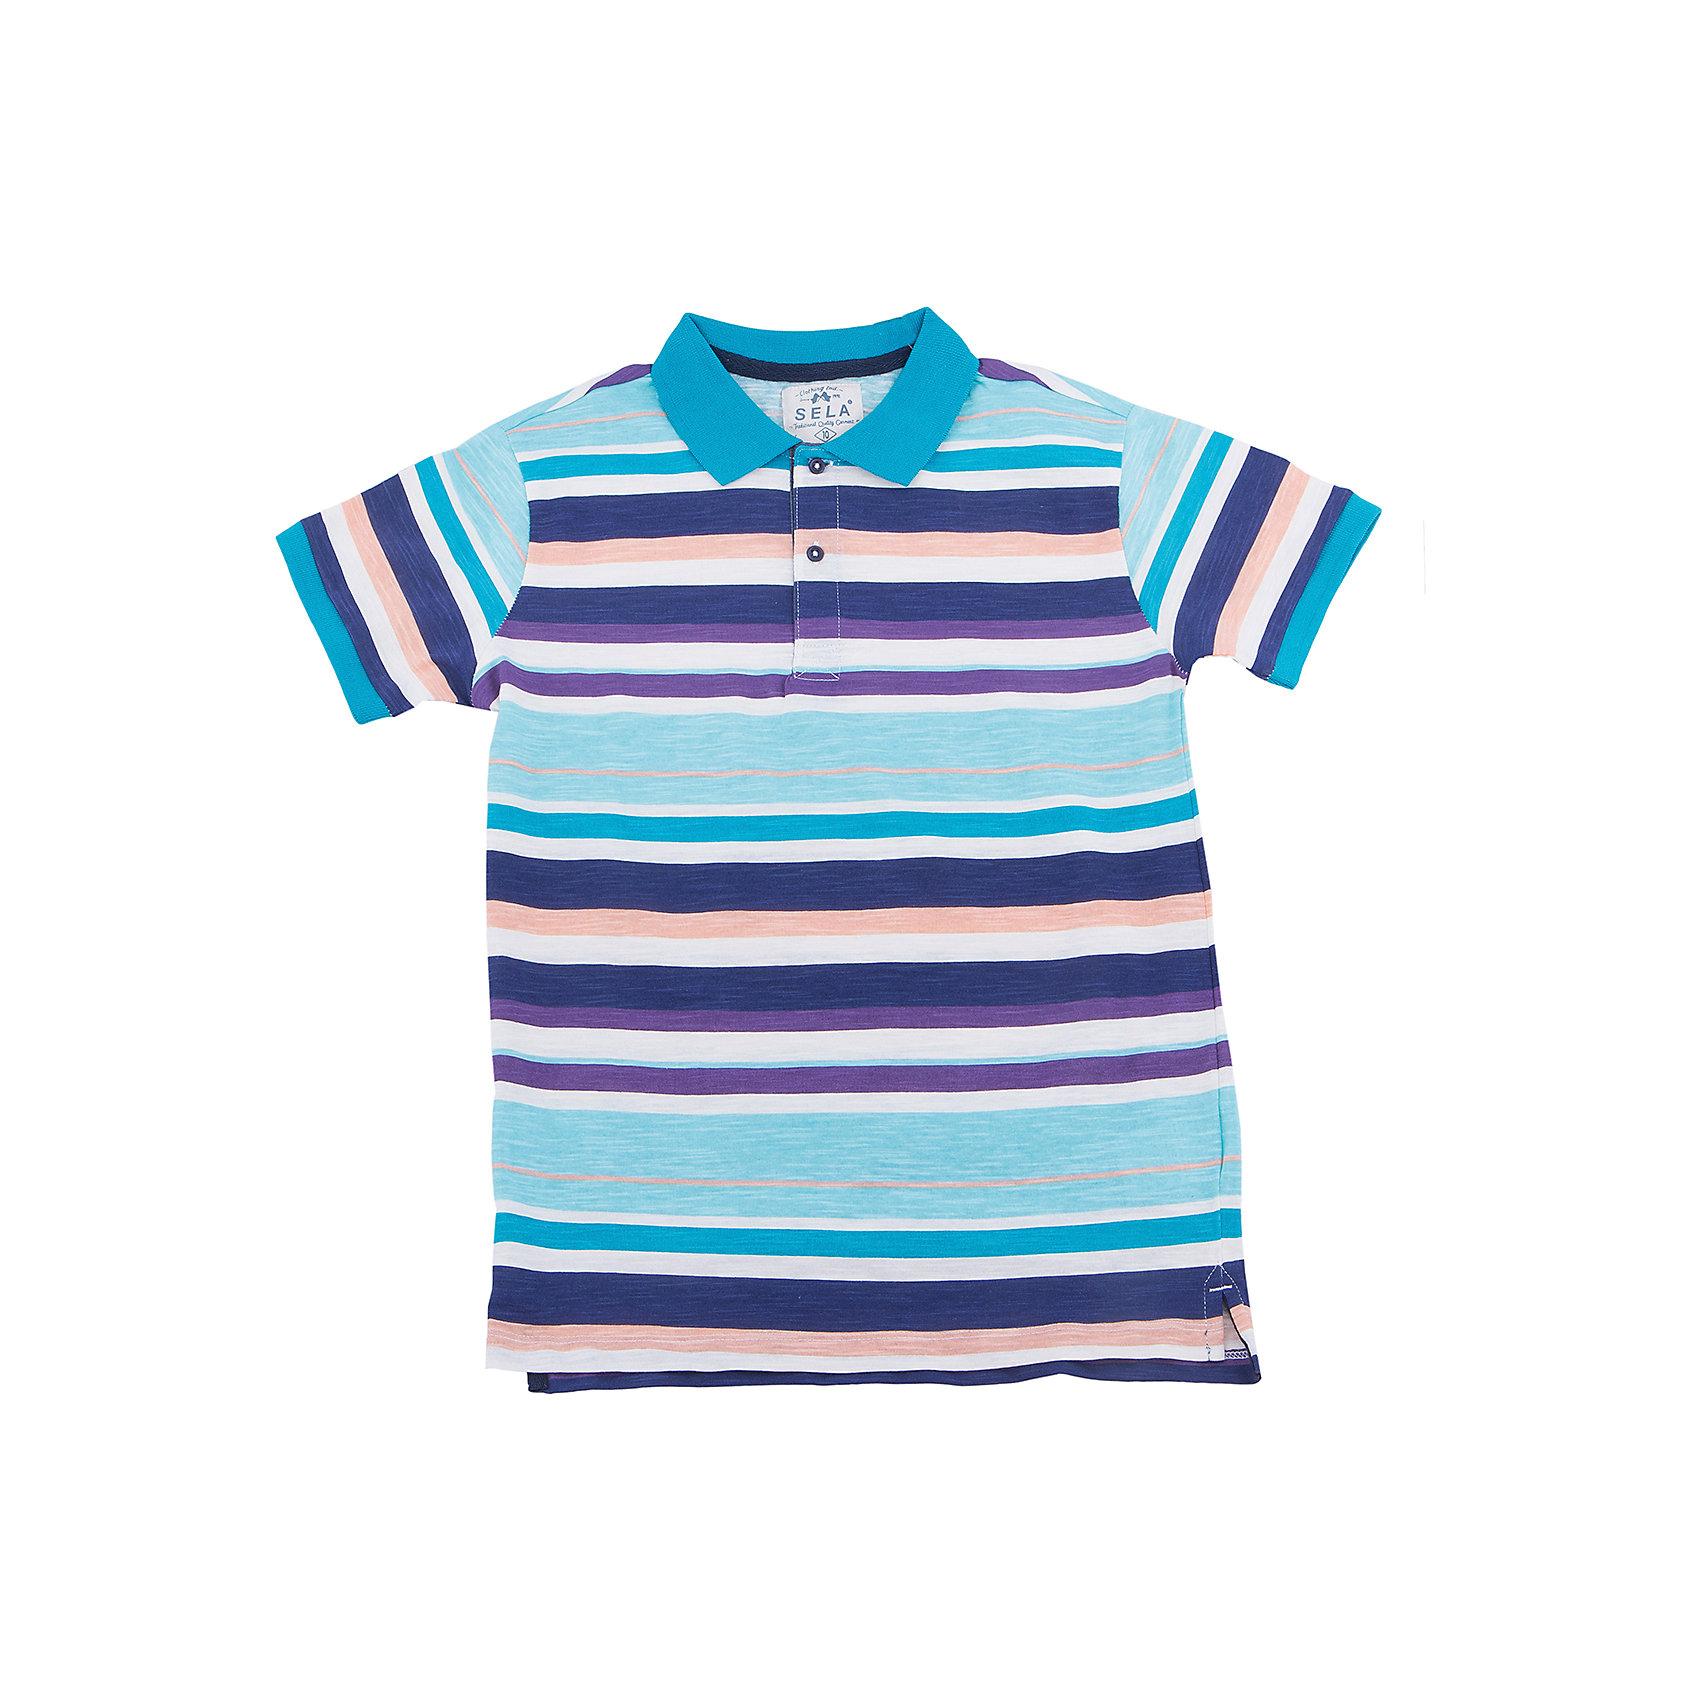 Футболка-поло для мальчика SELAФутболки, поло и топы<br>Характеристики товара:<br><br>• цвет: голубой<br>• состав: 100% хлопок<br>• сезон: лето<br>• рукава короткие<br>• округлый горловой вырез<br>• страна бренда: Россия<br><br>Вещи из новой коллекции SELA продолжают радовать удобством! Эта рубашка для мальчика поможет разнообразить гардероб ребенка и обеспечить комфорт. Она отлично сочетается с шортами и брюками. Стильная и удобная вещь!<br><br>Одежда, обувь и аксессуары от российского бренда SELA не зря пользуются большой популярностью у детей и взрослых! Модели этой марки - стильные и удобные, цена при этом неизменно остается доступной. Для их производства используются только безопасные, качественные материалы и фурнитура. Новая коллекция поддерживает хорошие традиции бренда! <br><br>Рубашку для мальчика от популярного бренда SELA (СЕЛА) можно купить в нашем интернет-магазине.<br><br>Ширина мм: 174<br>Глубина мм: 10<br>Высота мм: 169<br>Вес г: 157<br>Цвет: голубой<br>Возраст от месяцев: 120<br>Возраст до месяцев: 132<br>Пол: Мужской<br>Возраст: Детский<br>Размер: 146,152,122,128,134,140<br>SKU: 5304760